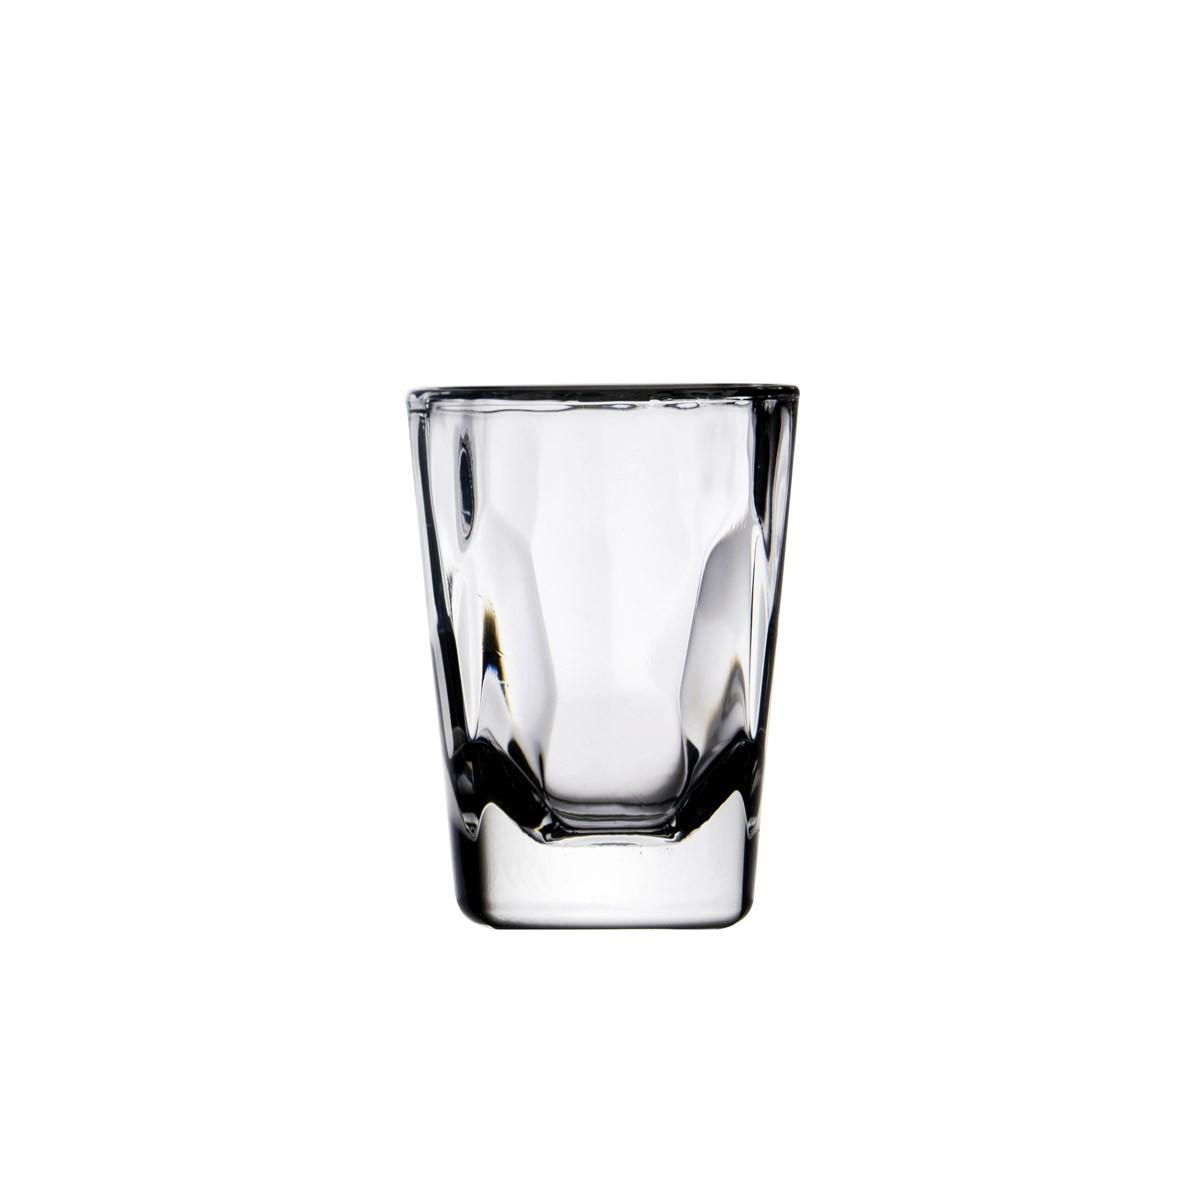 Ποτήρια Σφηνάκια (Σετ 6τμχ) Espiel Stephanie Optic STE8012